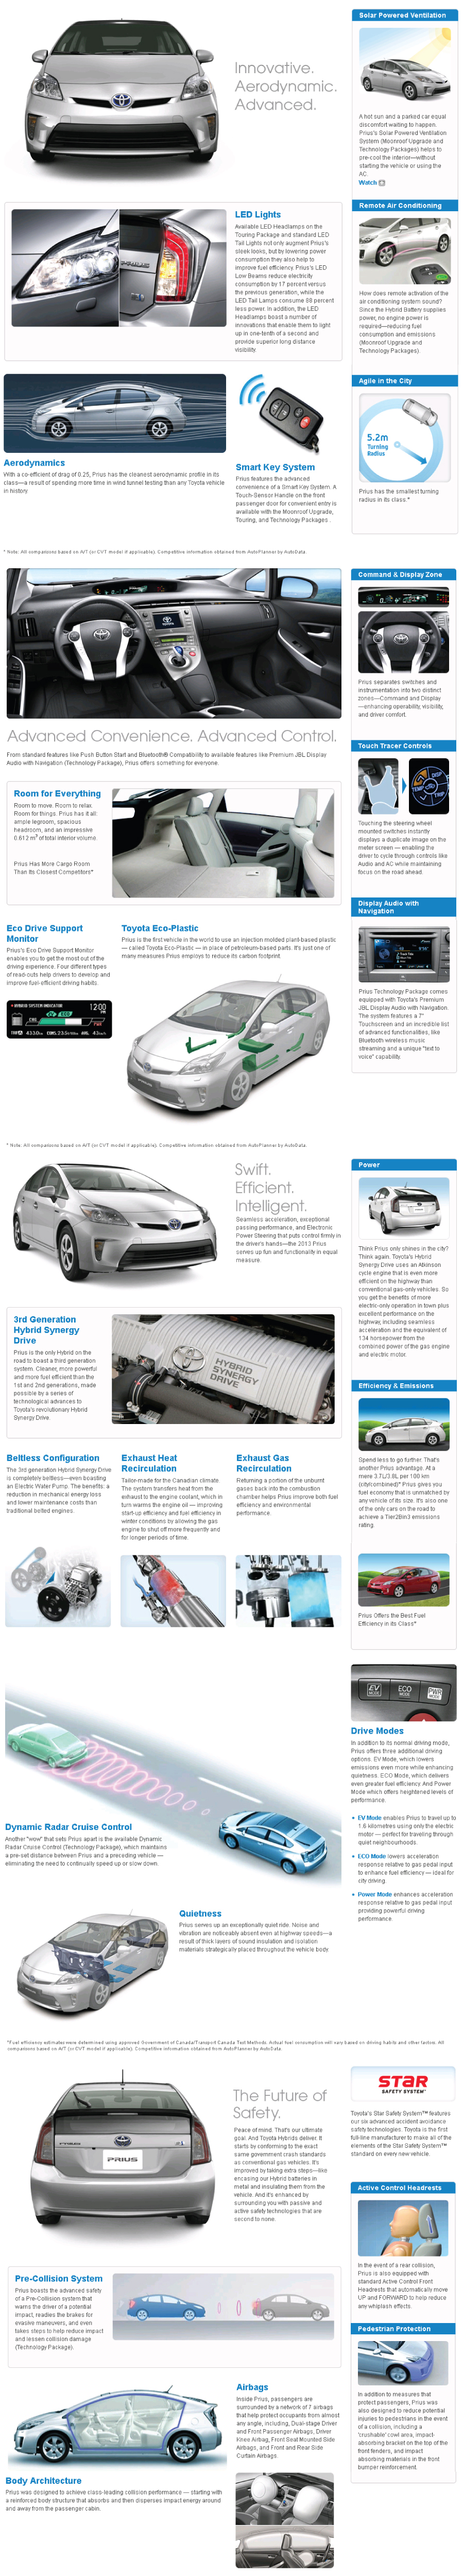 2013 Prius Features Toyota Prius Hybrid Car Prius